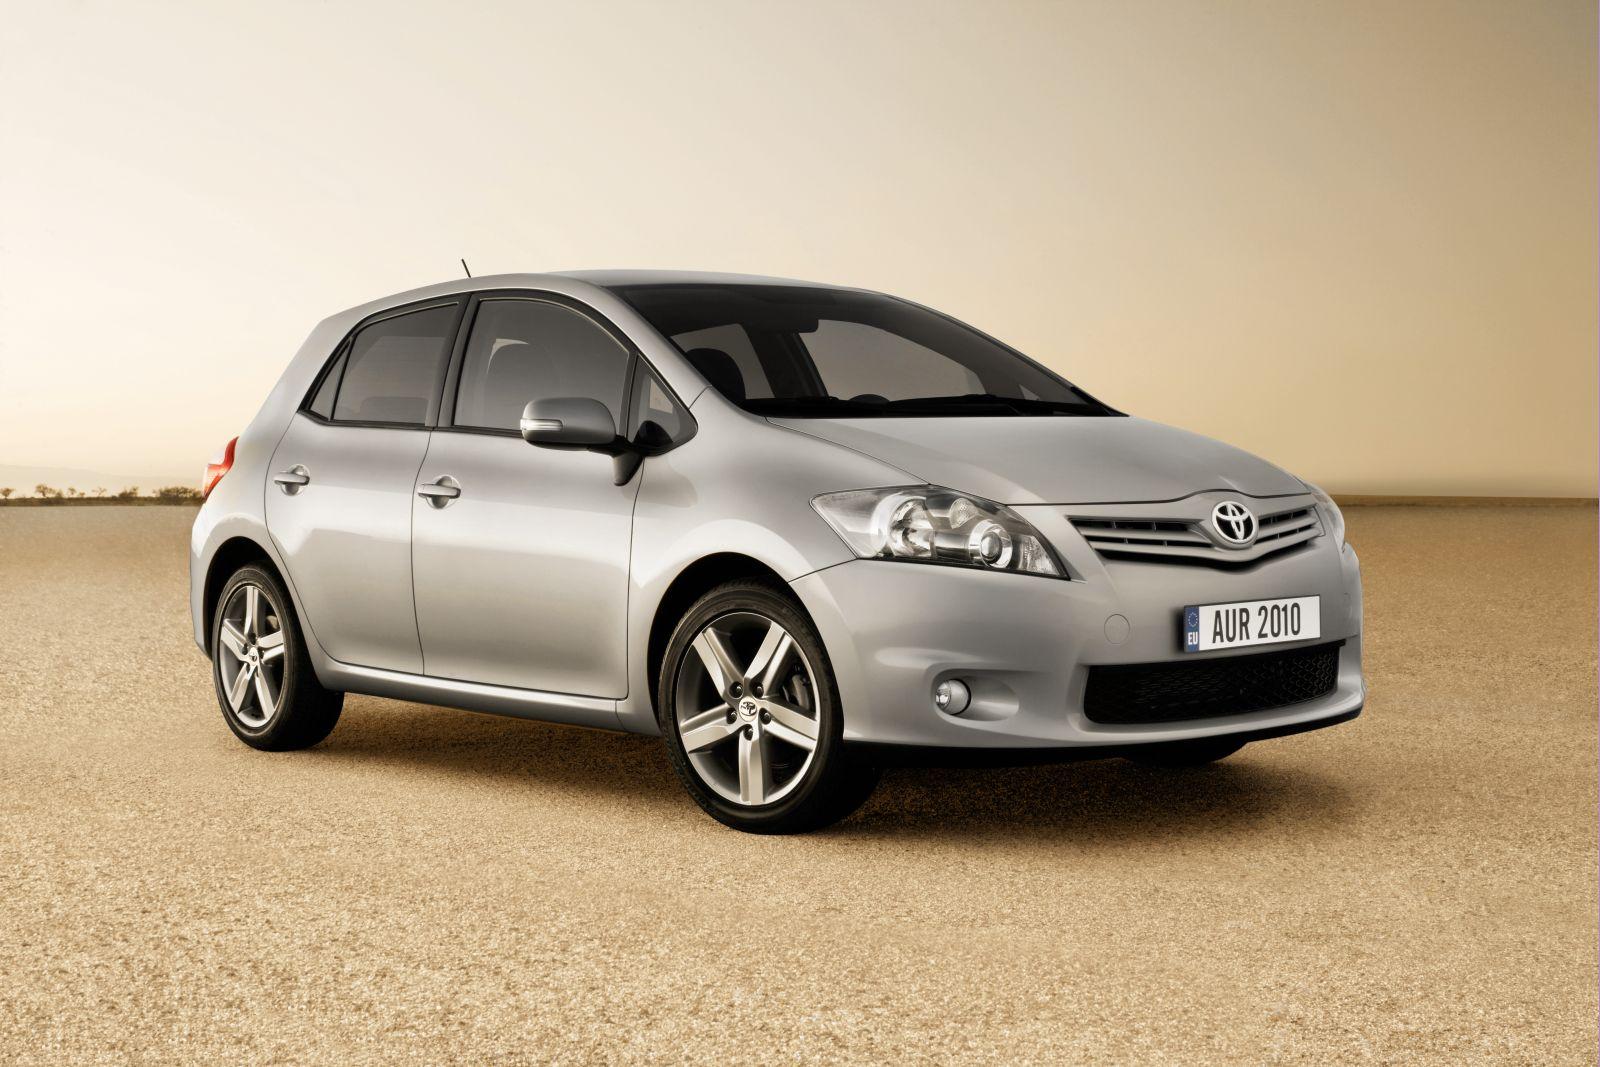 Ginevra 2010: le immagini della nuova Toyota Auris